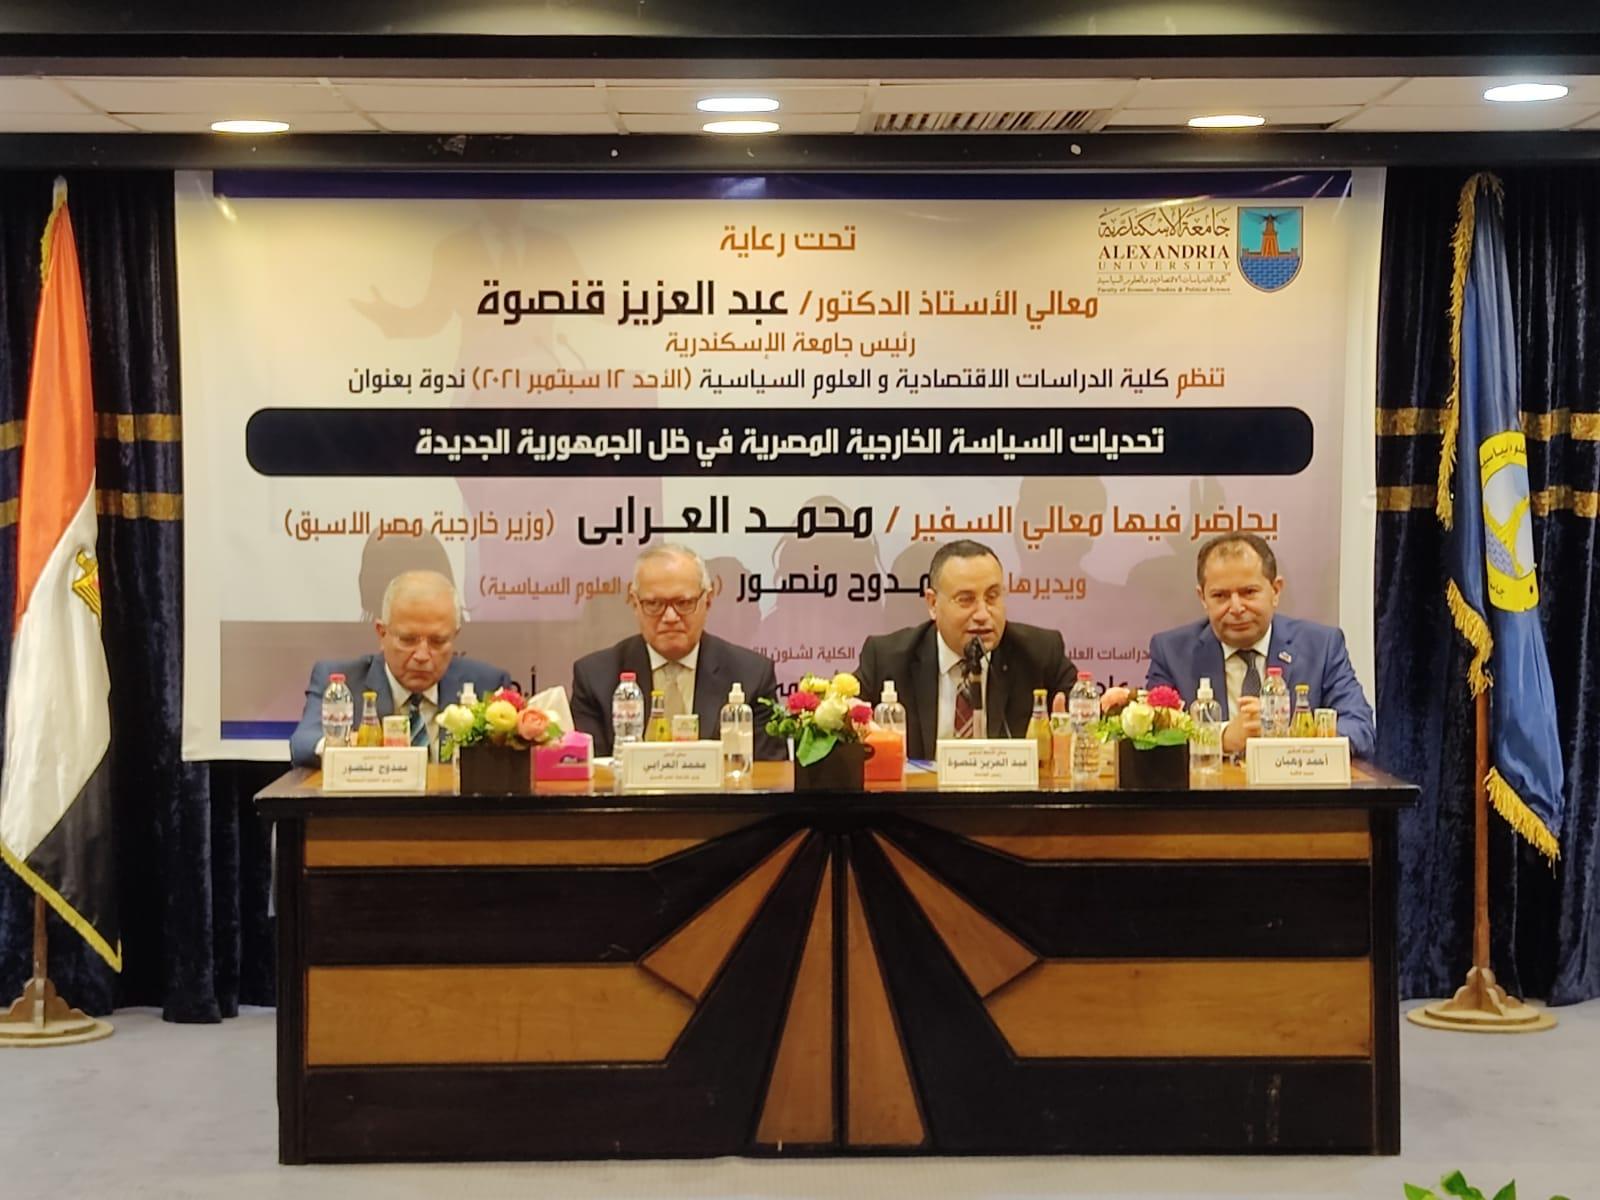 ندوة تحديات السياسة الخارجية المصرية فى ظل الجمهورية الجديدة